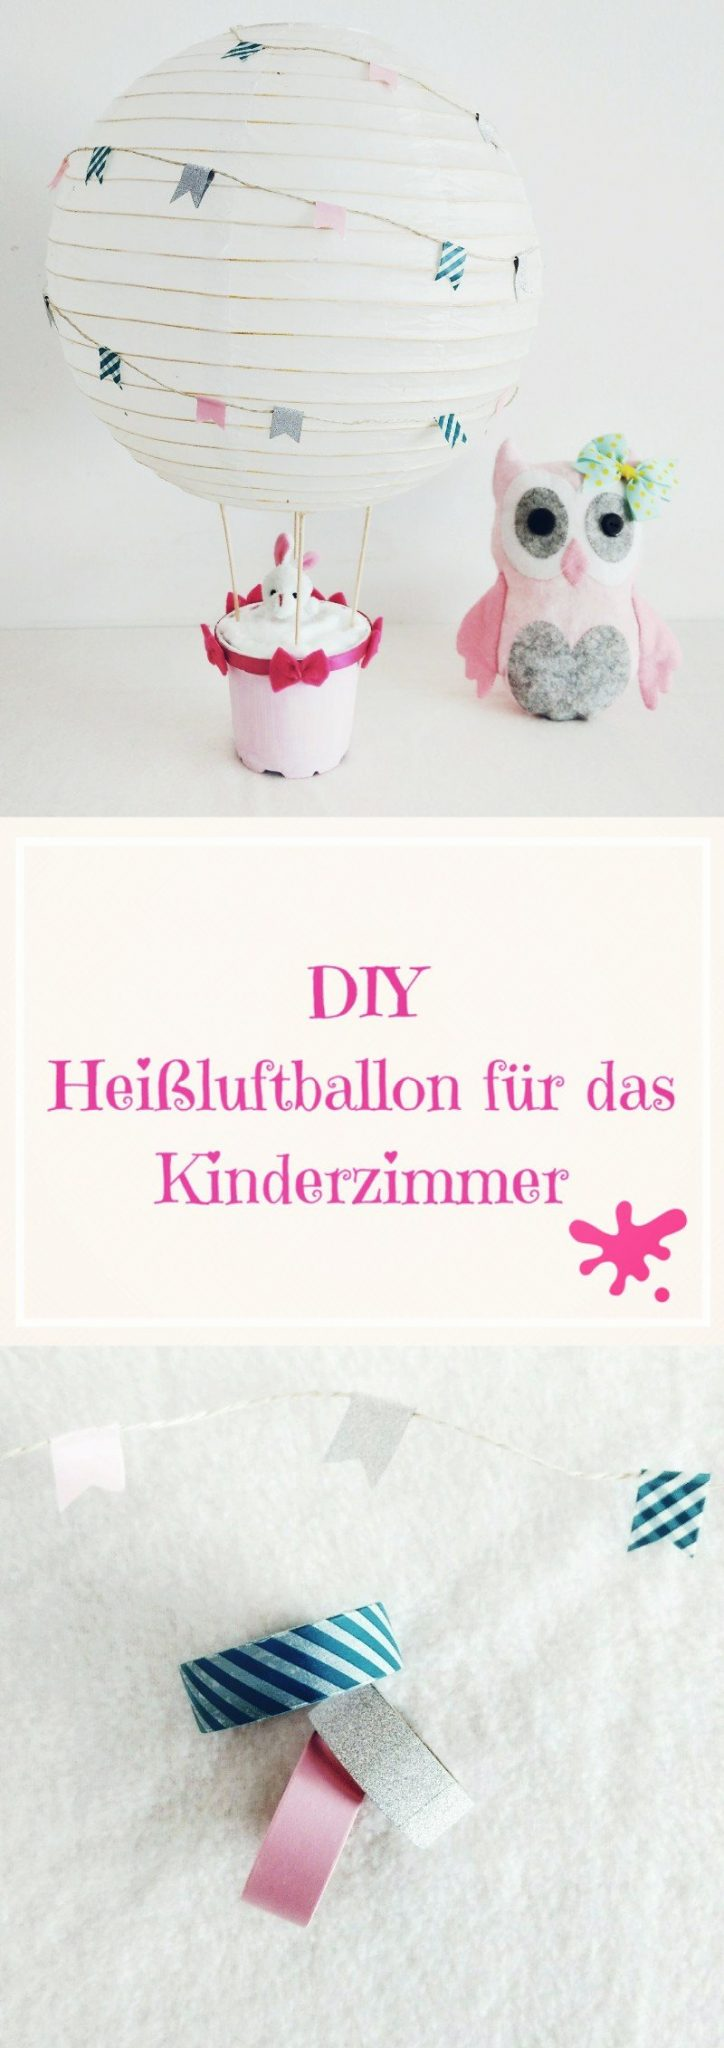 Heißluftballon Kinderzimmer heißluftballon dekoration für das kinderzimmer basteln für kinder